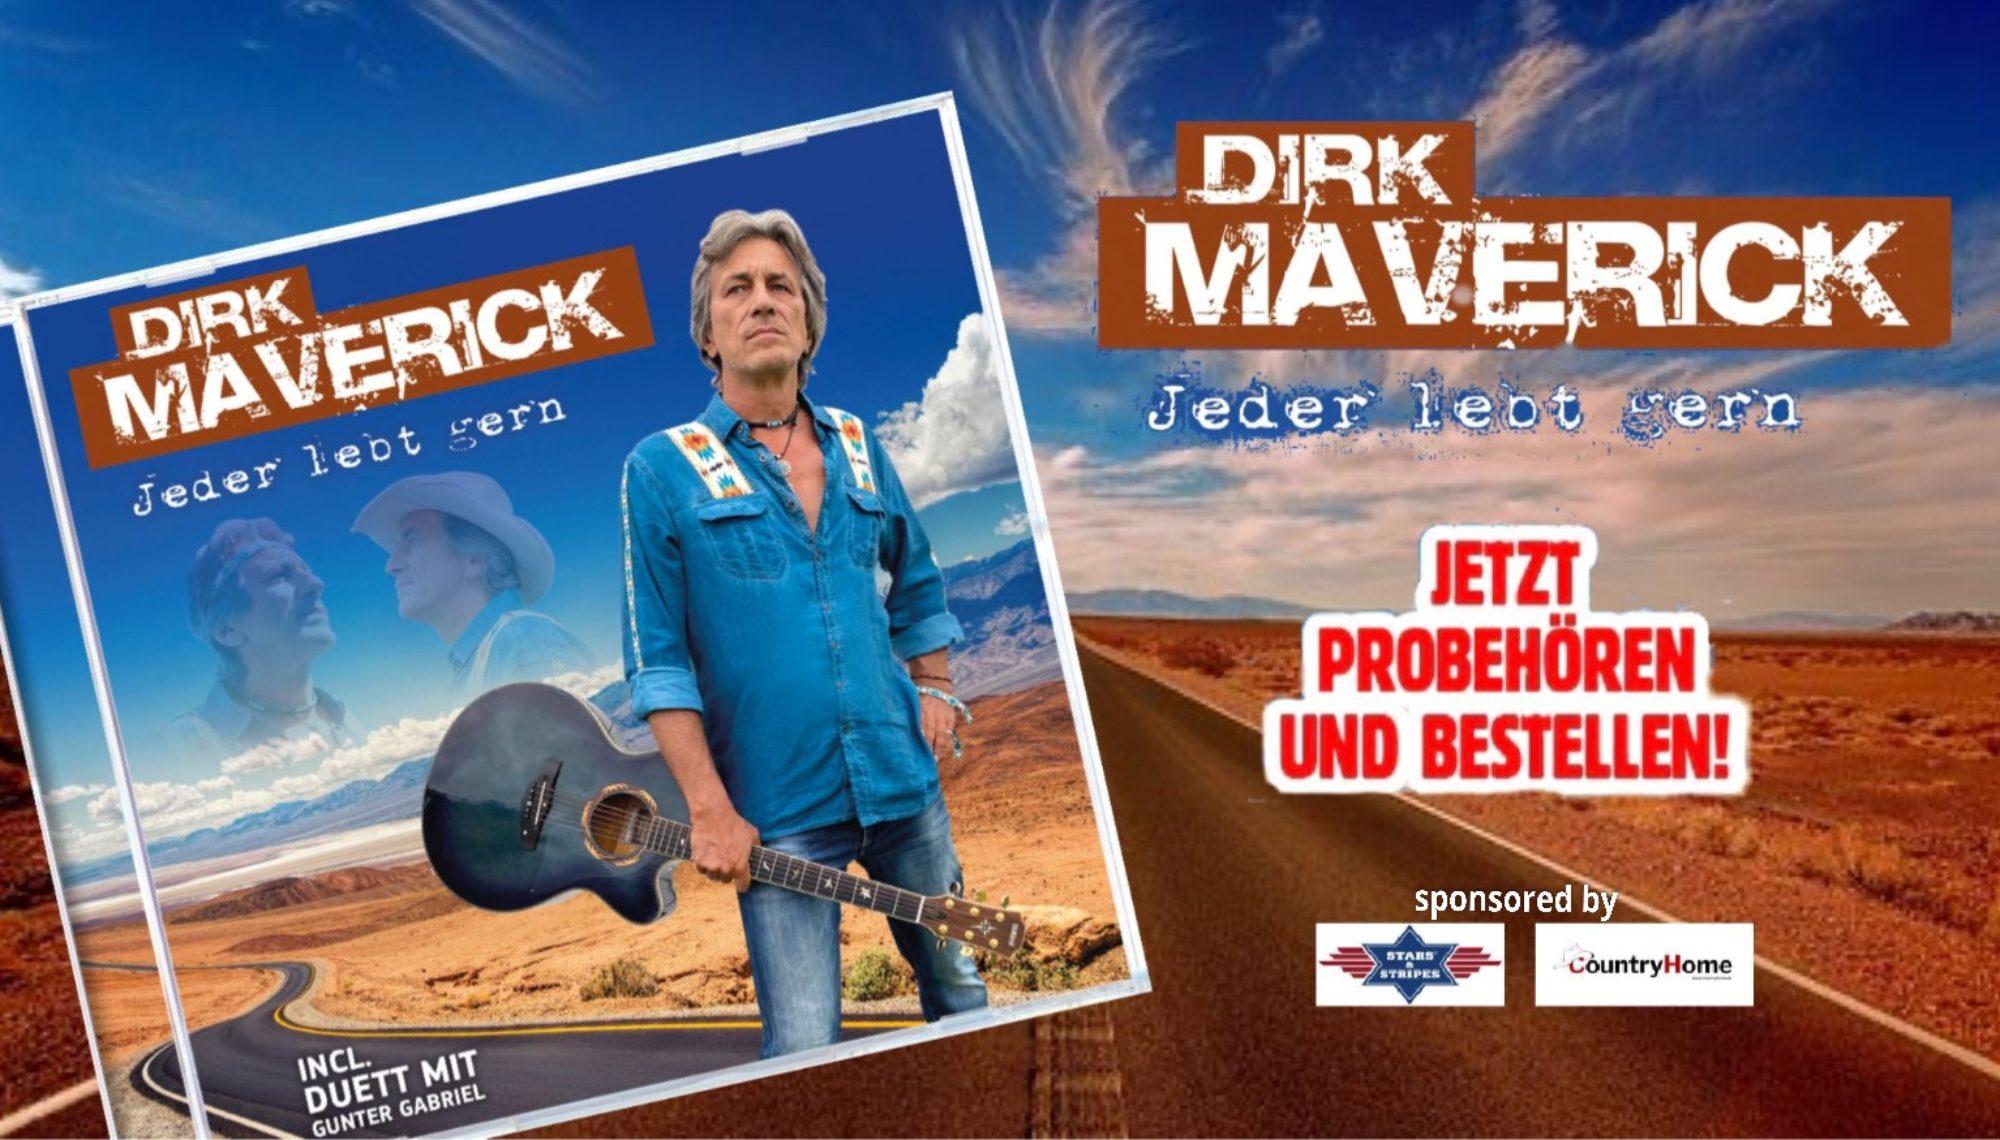 Dirk Maverick